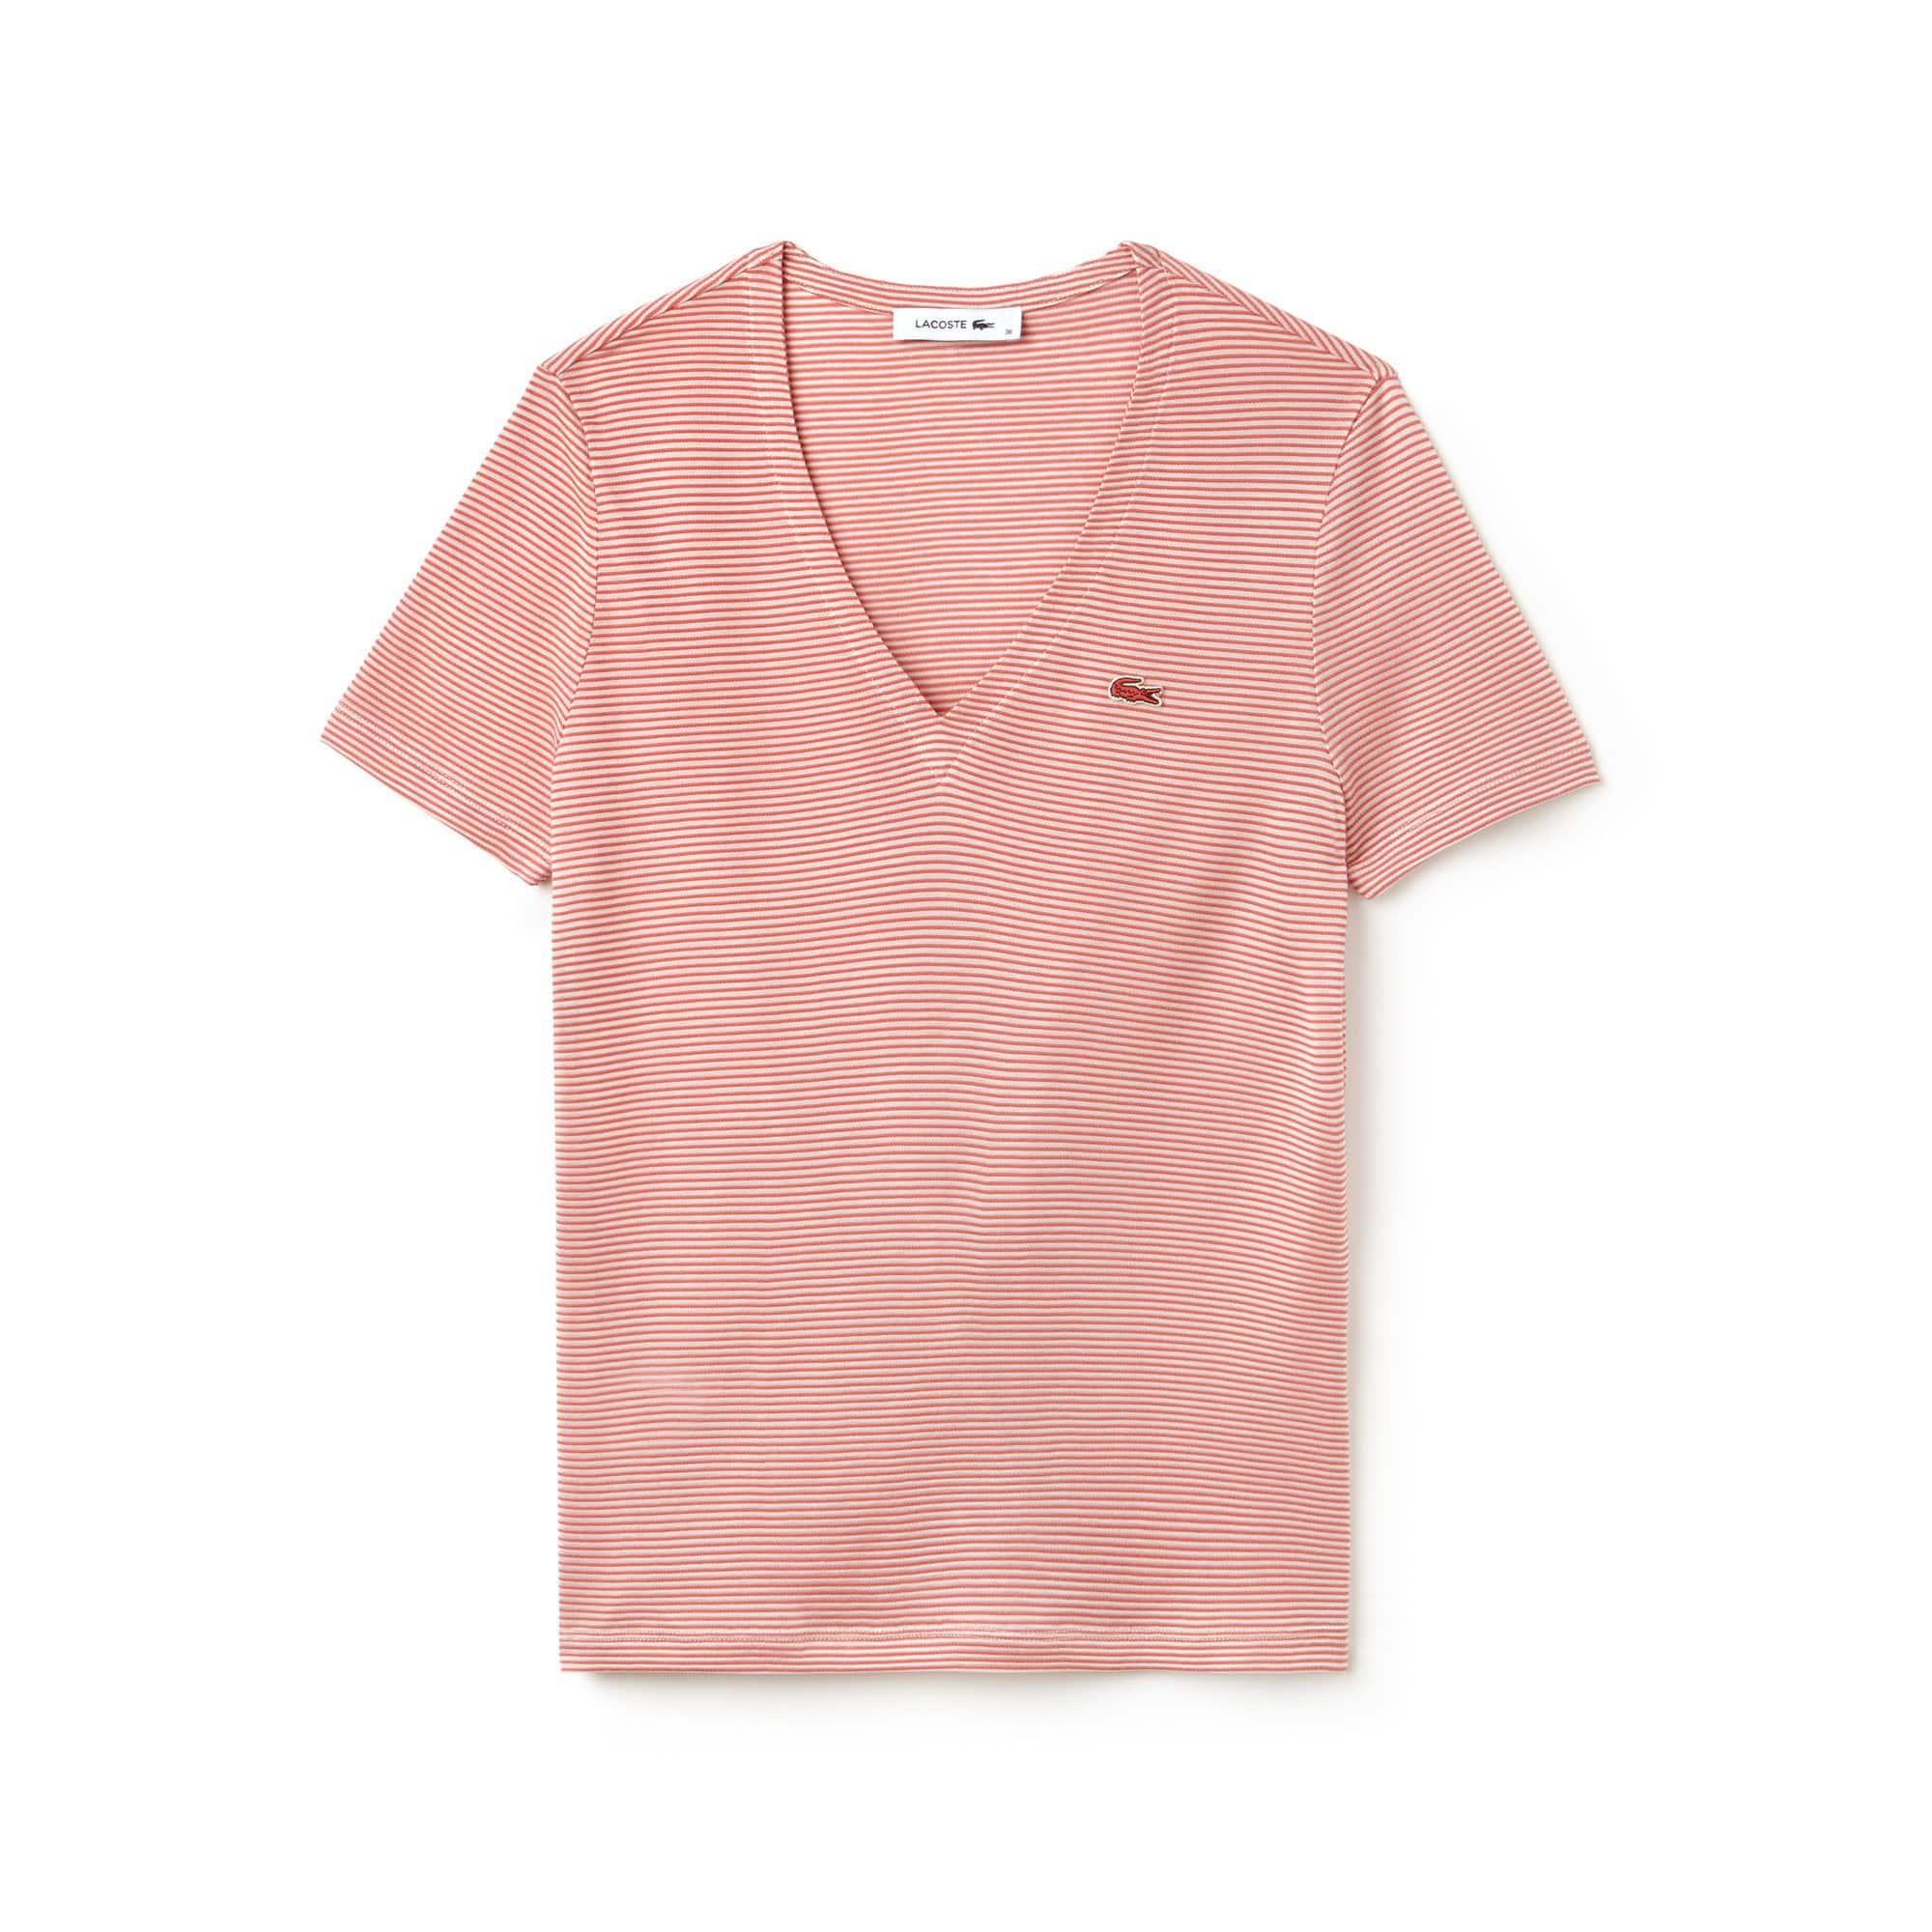 Damen-T-Shirt aus Ottoman-Baumwolljersey mit Nadelstreifen